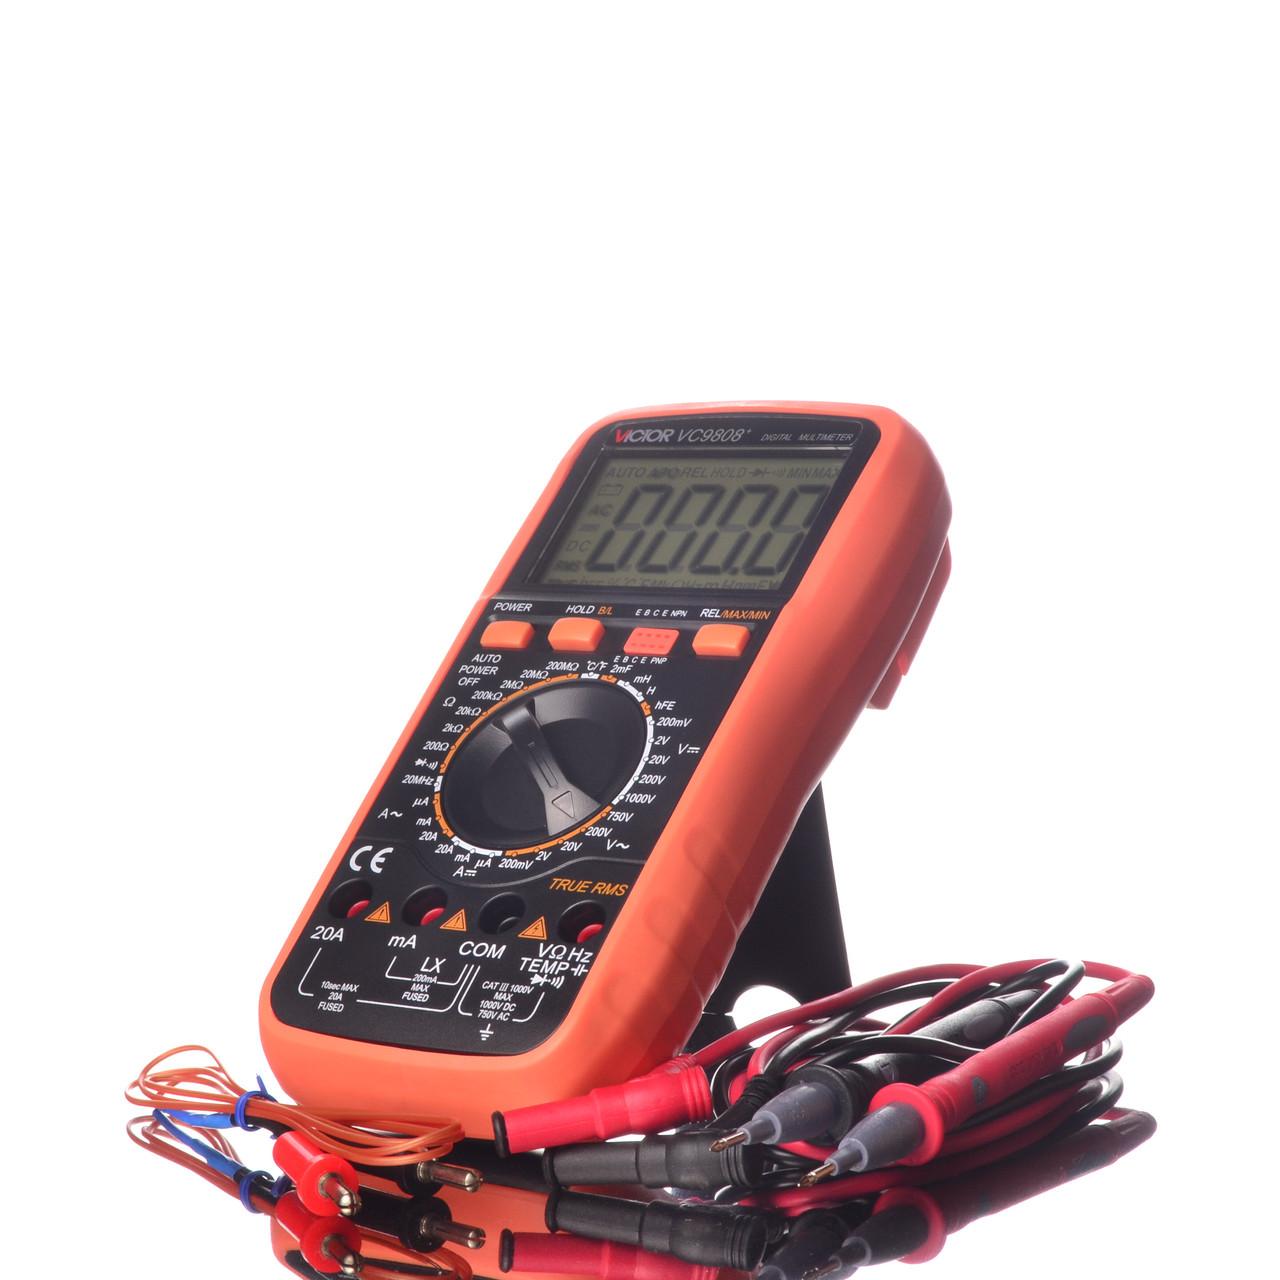 Мультиметр цифровой Victor VC9808+ термопара, True RMS, защитный чехол, подсветка дисплея